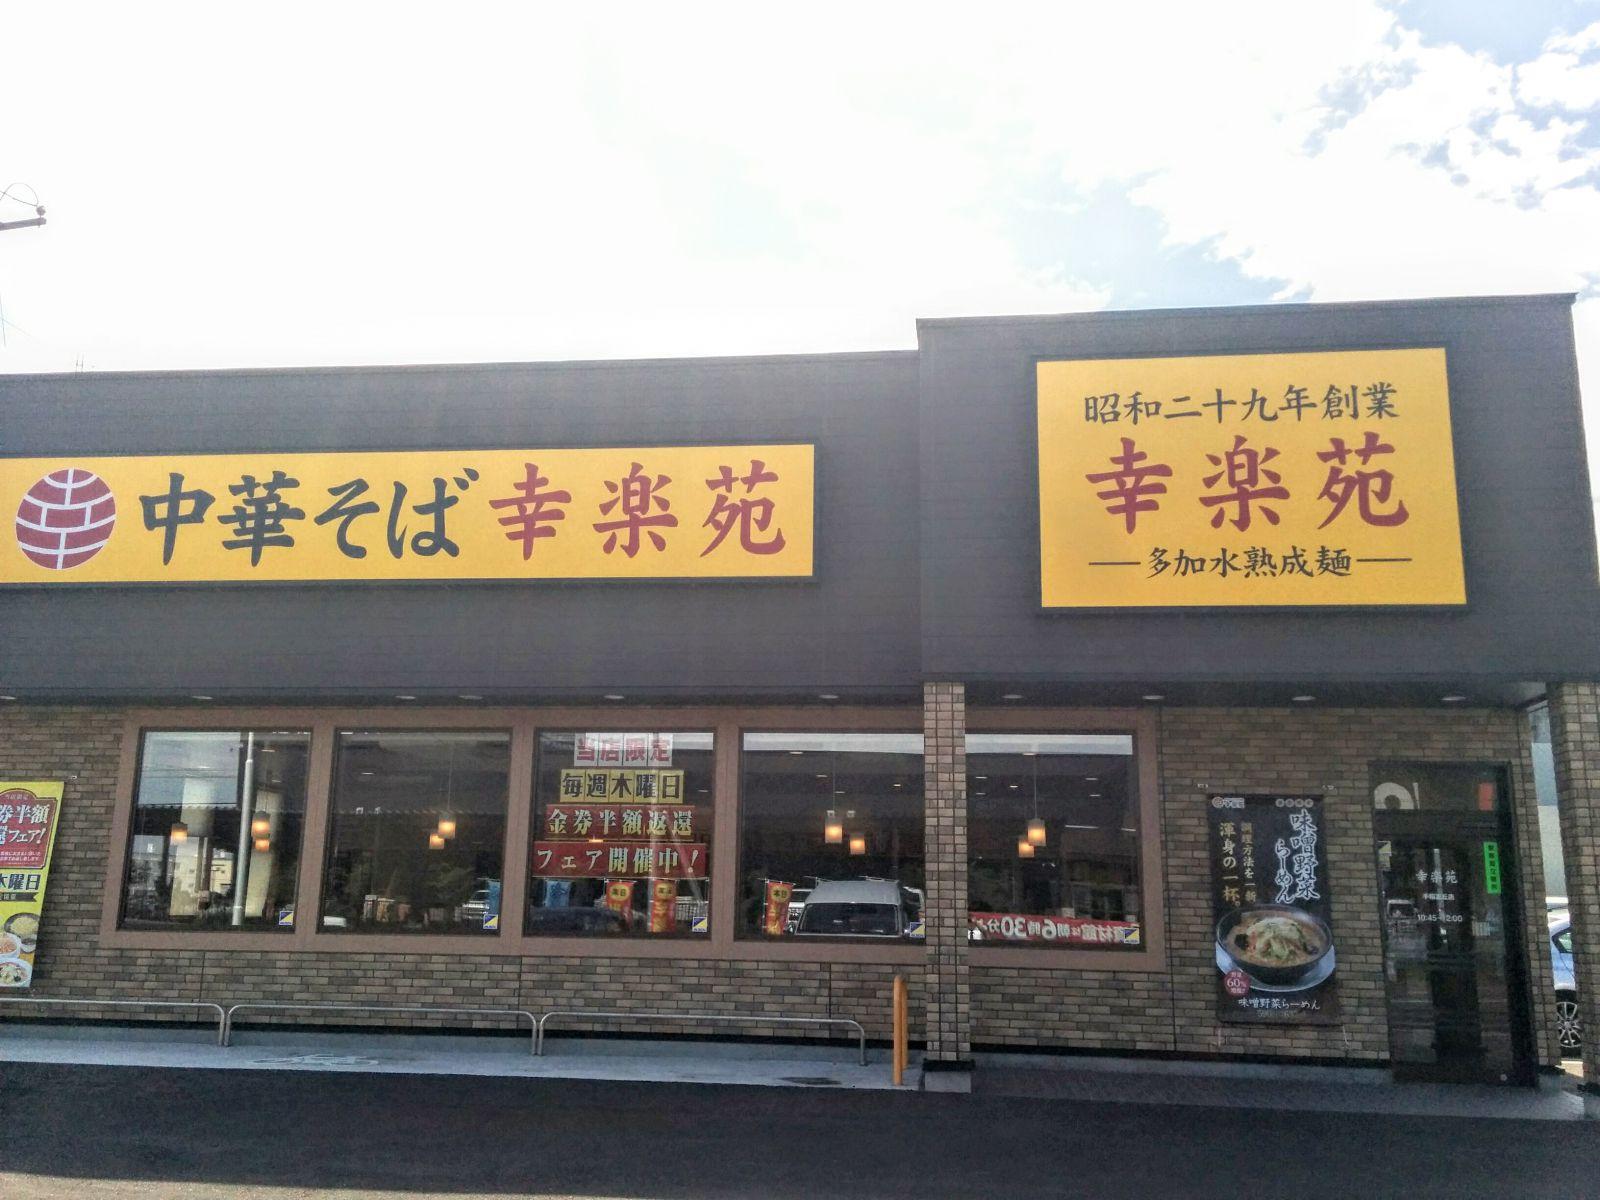 【札幌】幸楽苑観光グルメ案内です。